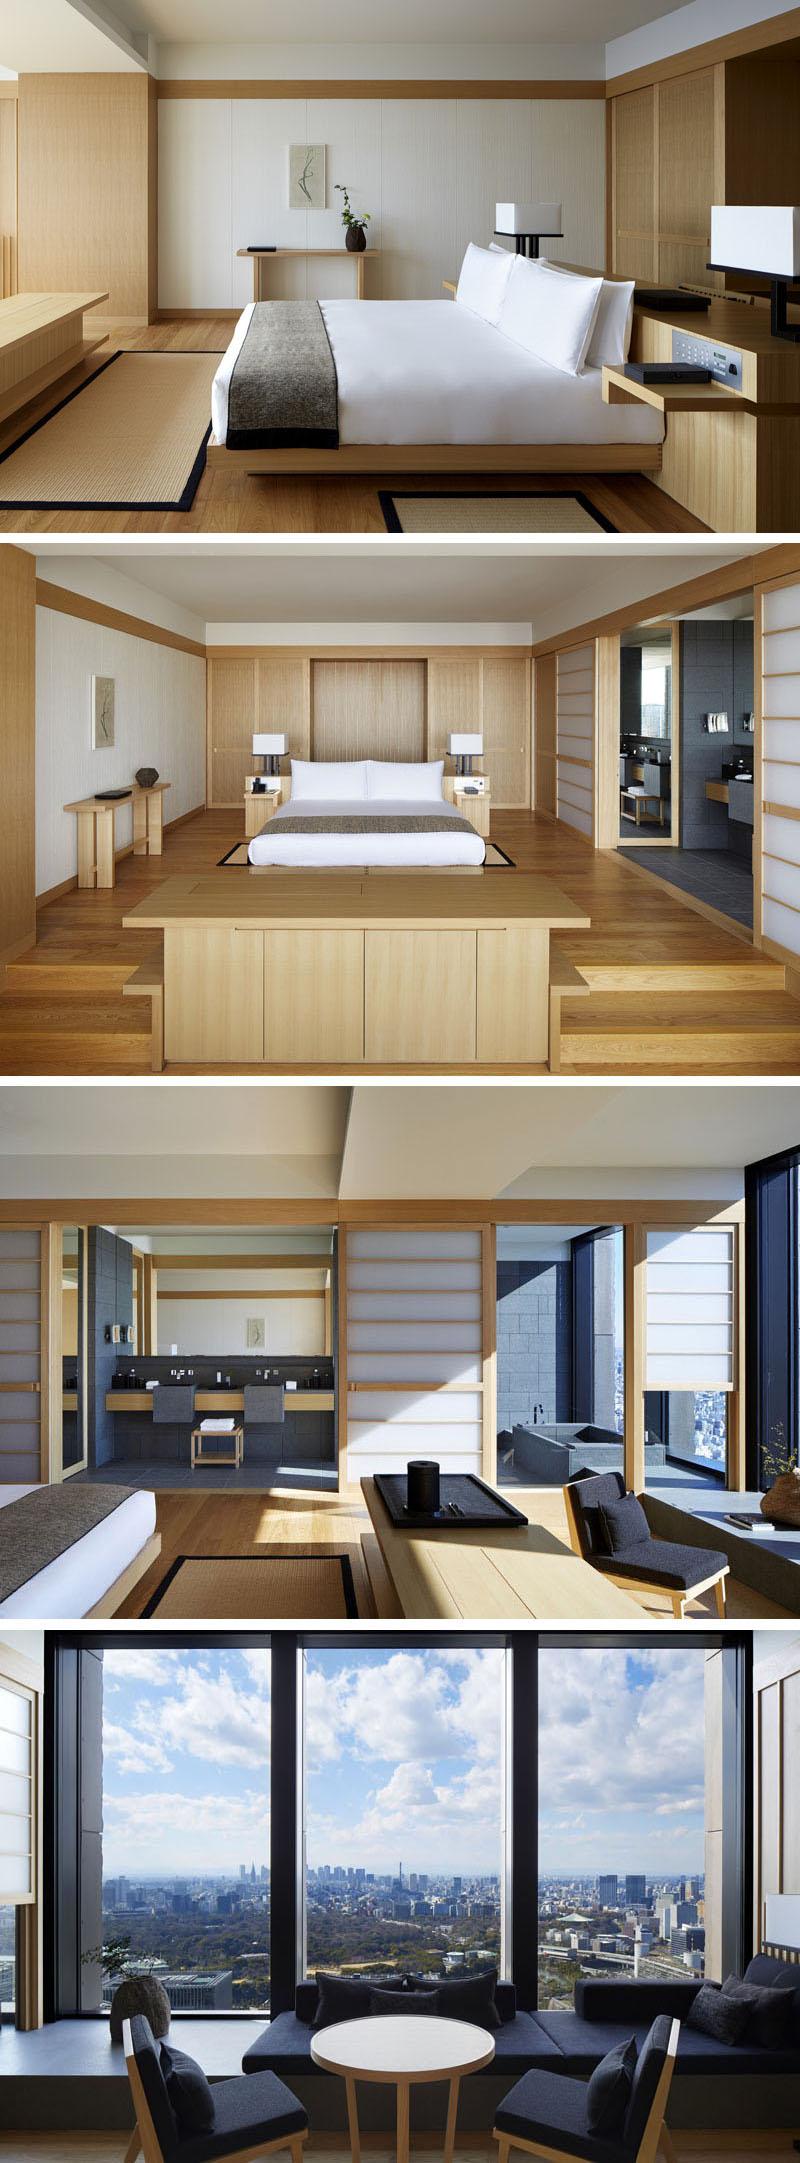 3-decoração-contemporanea-com-elementos-da-cultura-japonesa